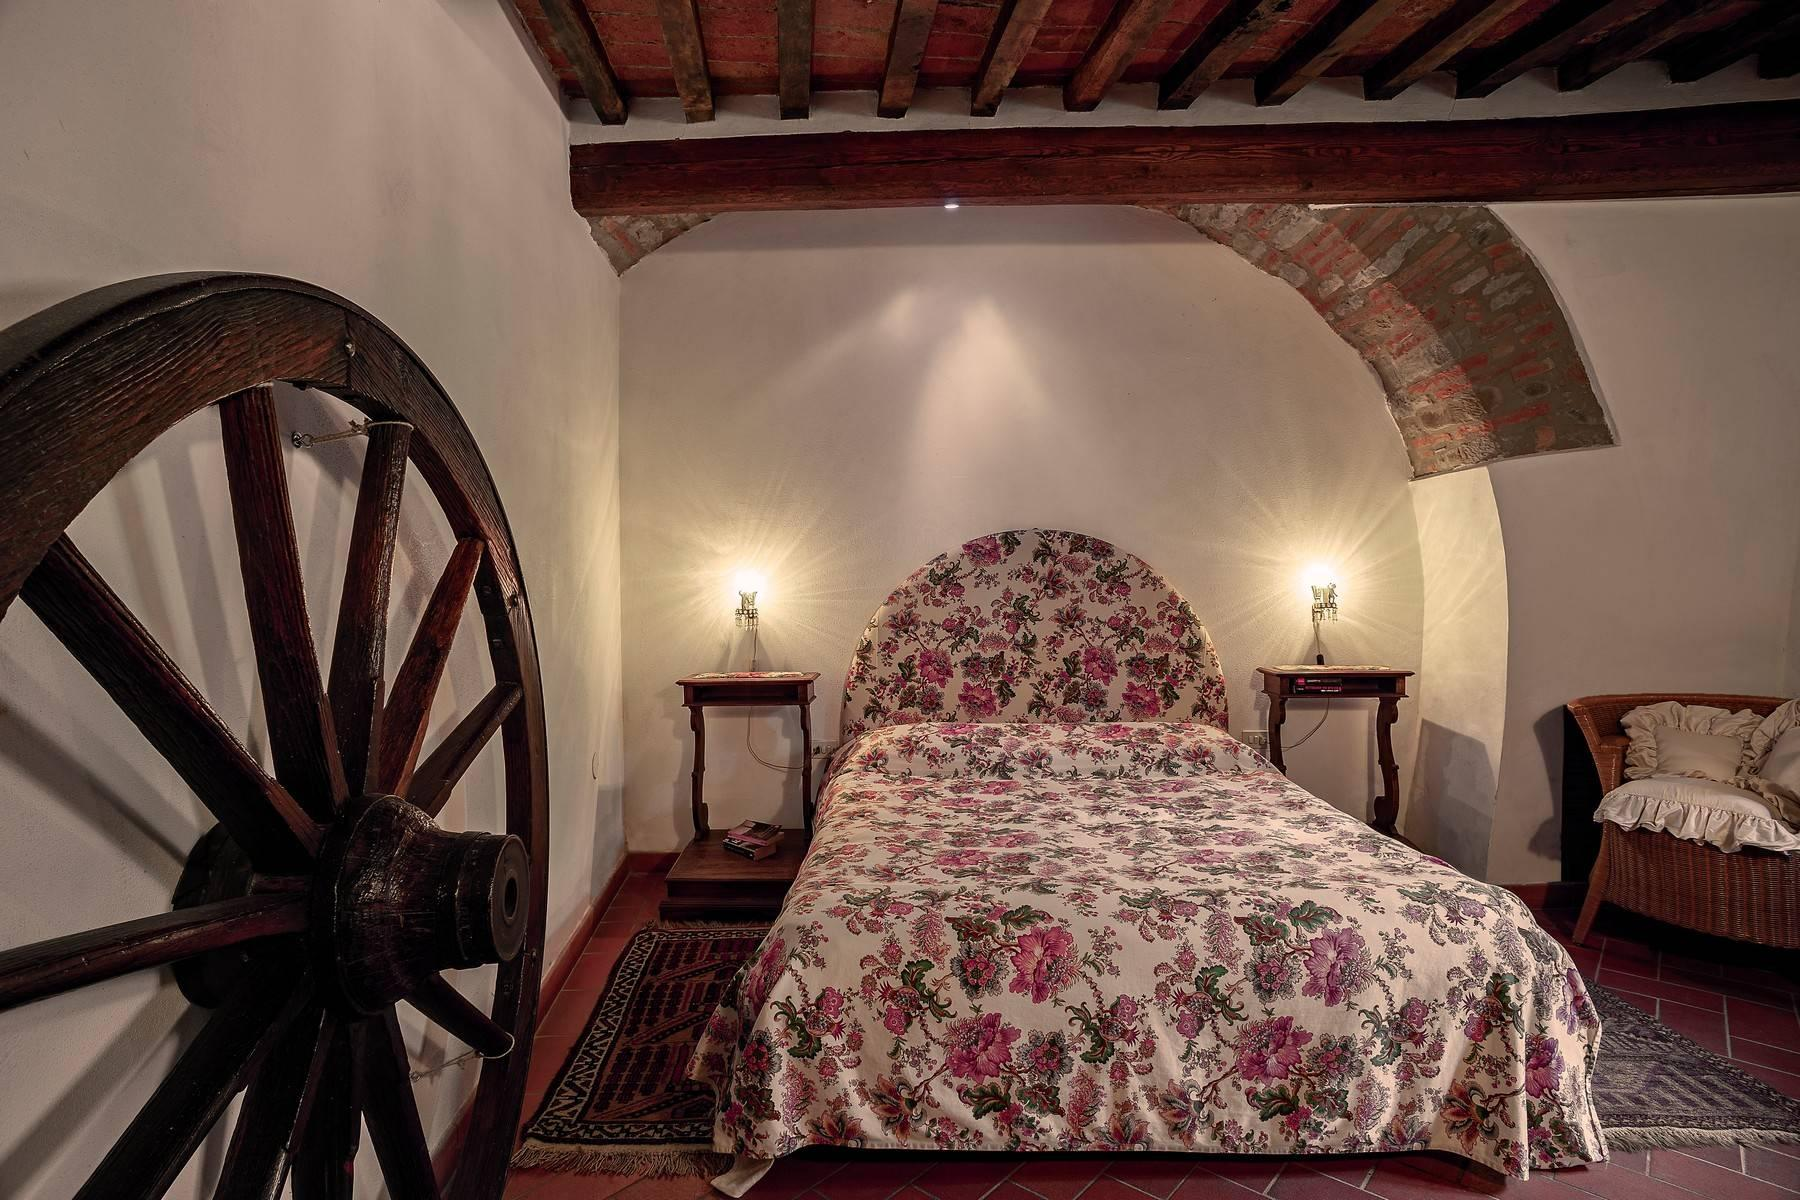 Вилла 18 века в Кортоне - 26